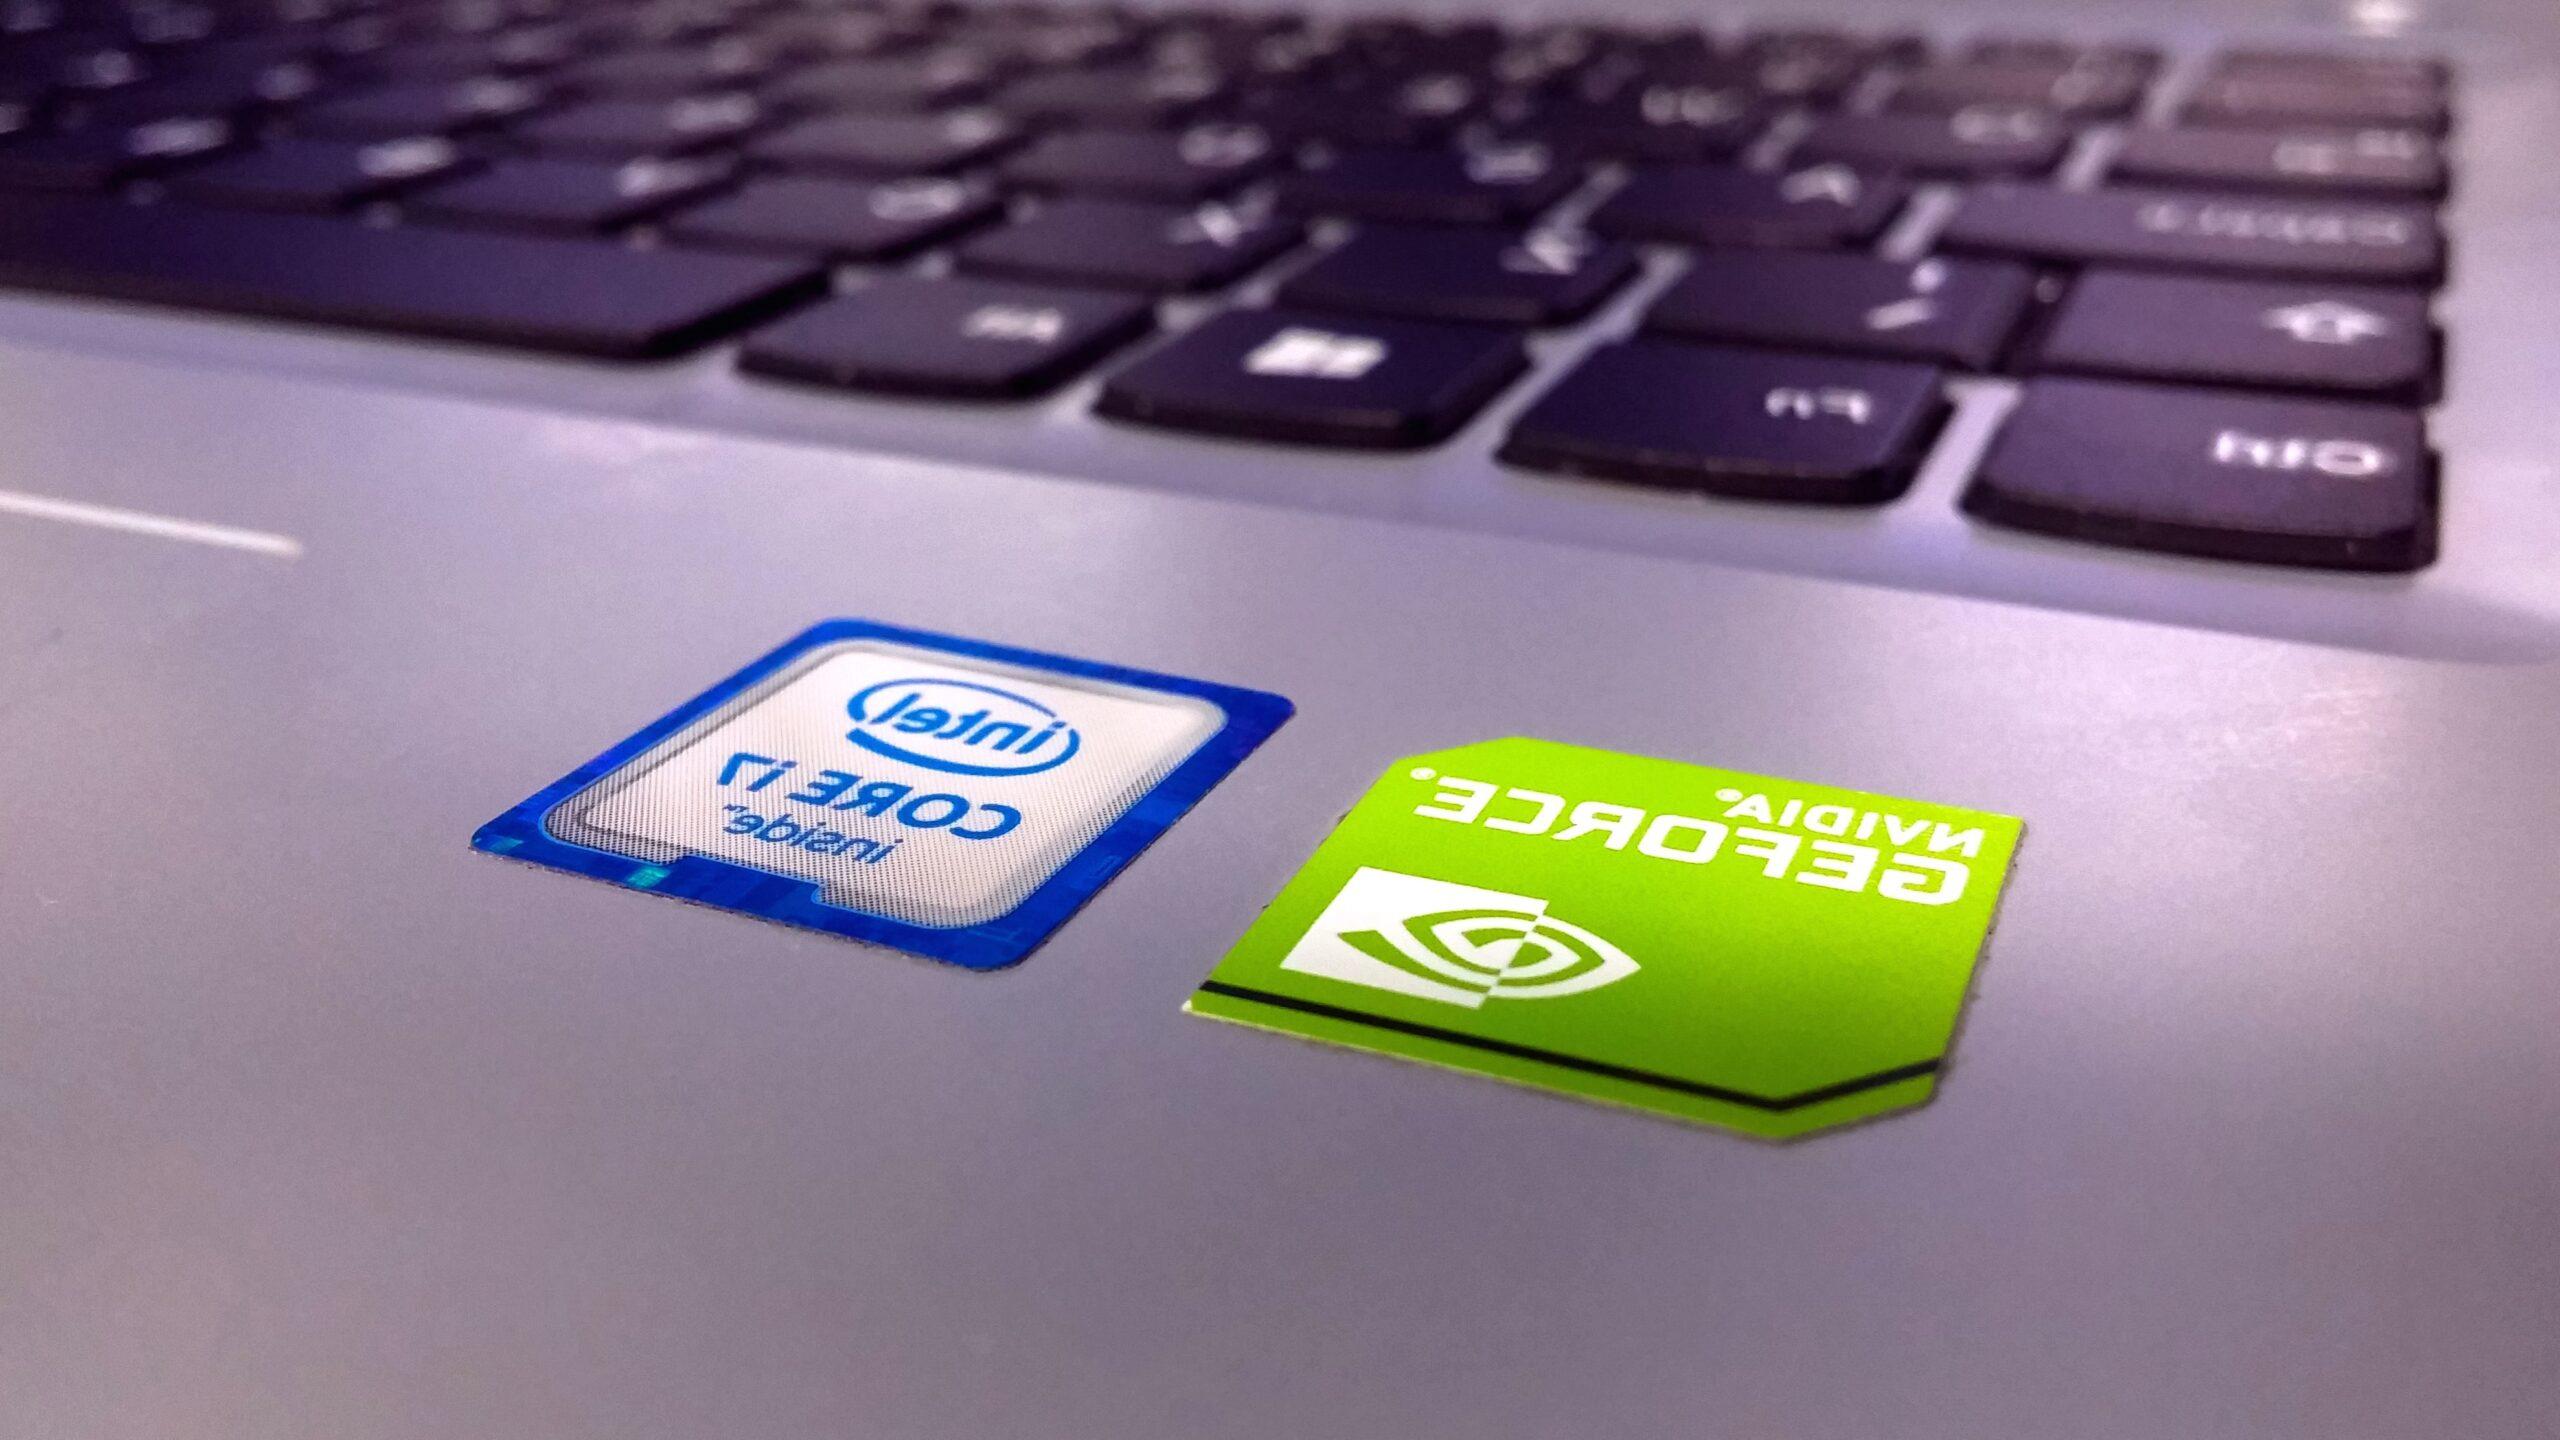 มาทำความรู้จักกับ Intel Core